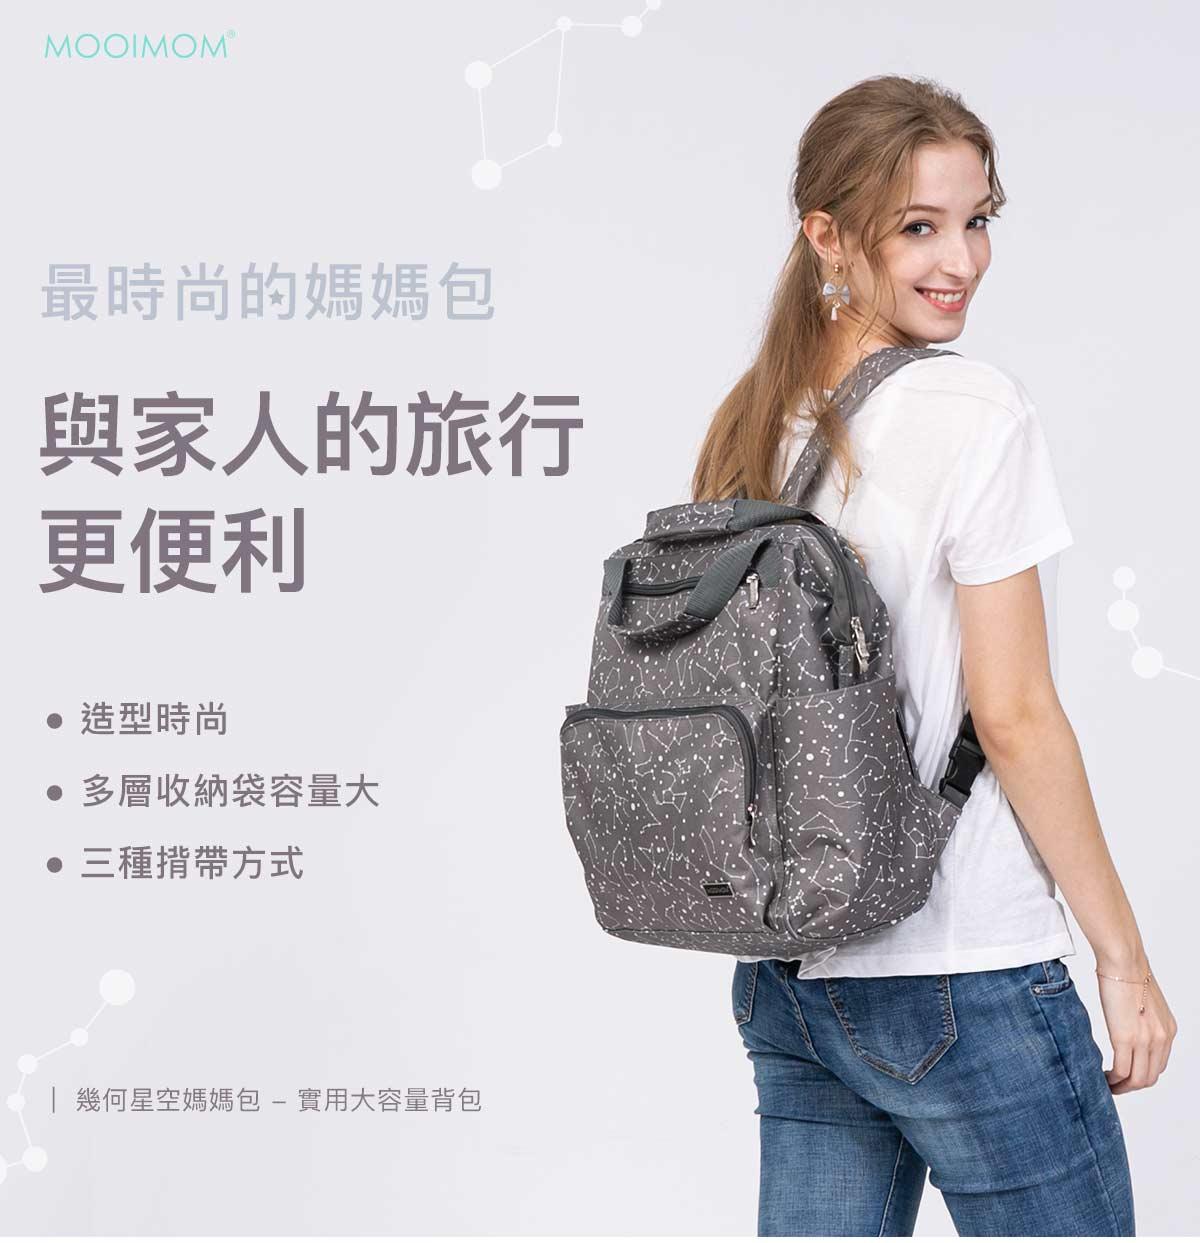 媽媽包,幾何星空媽媽包, 實用大容量背包, 幾何星空實用大容量背包, 超大容量,最時尚的媽媽包,與家人的旅行更便利,造型時尚,多層收納袋容量大,三種揹帶方式